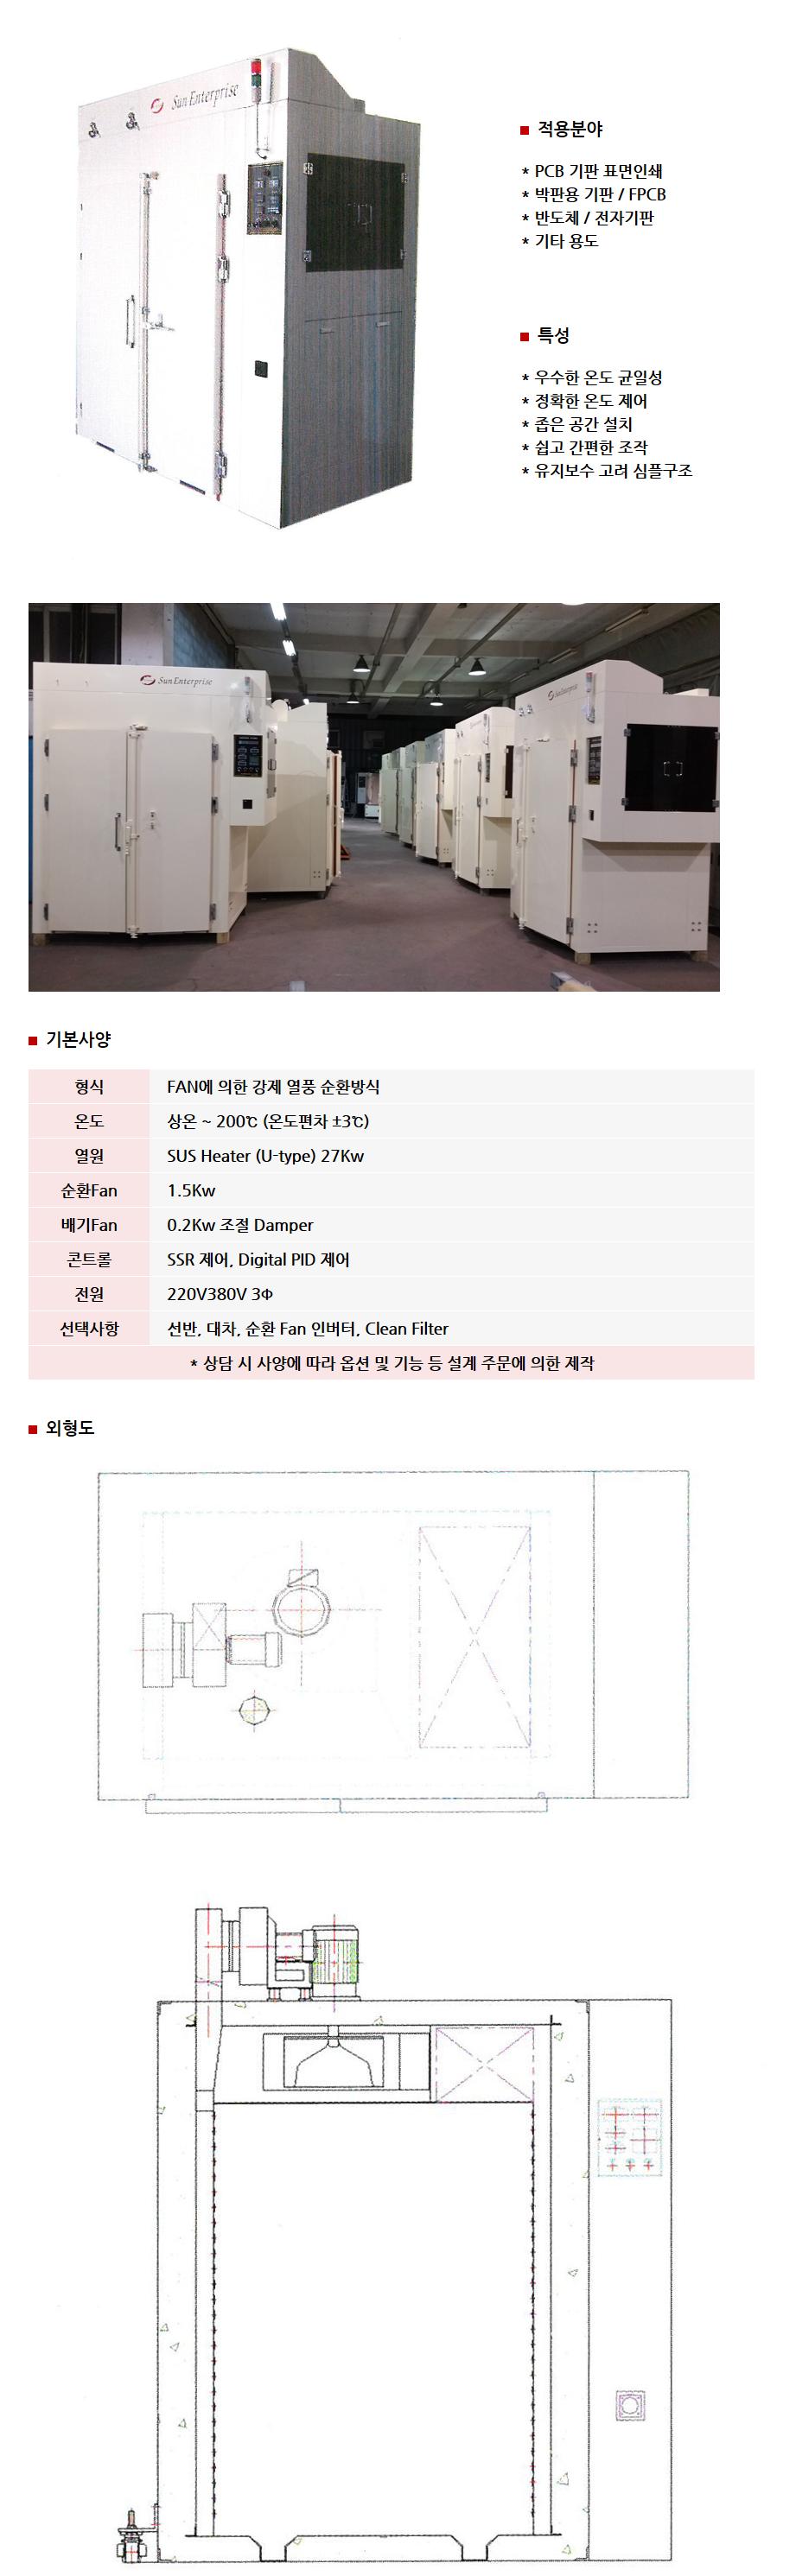 태양기업 Box Type Dry Oven